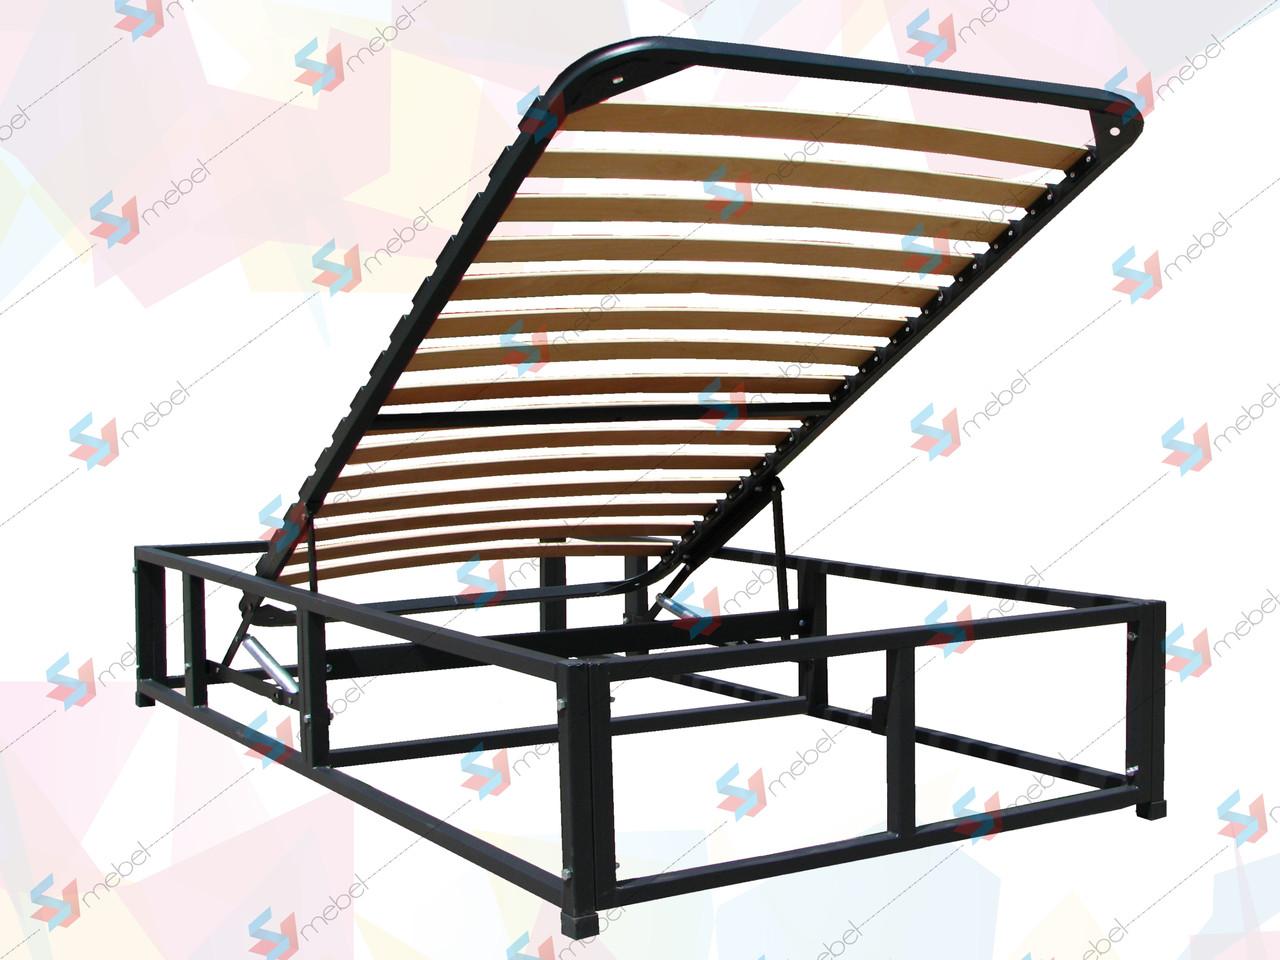 Каркас кровати с подъемным механизмом и металлическим основанием - 2000х800 мм - SVmebel в Мелитополе